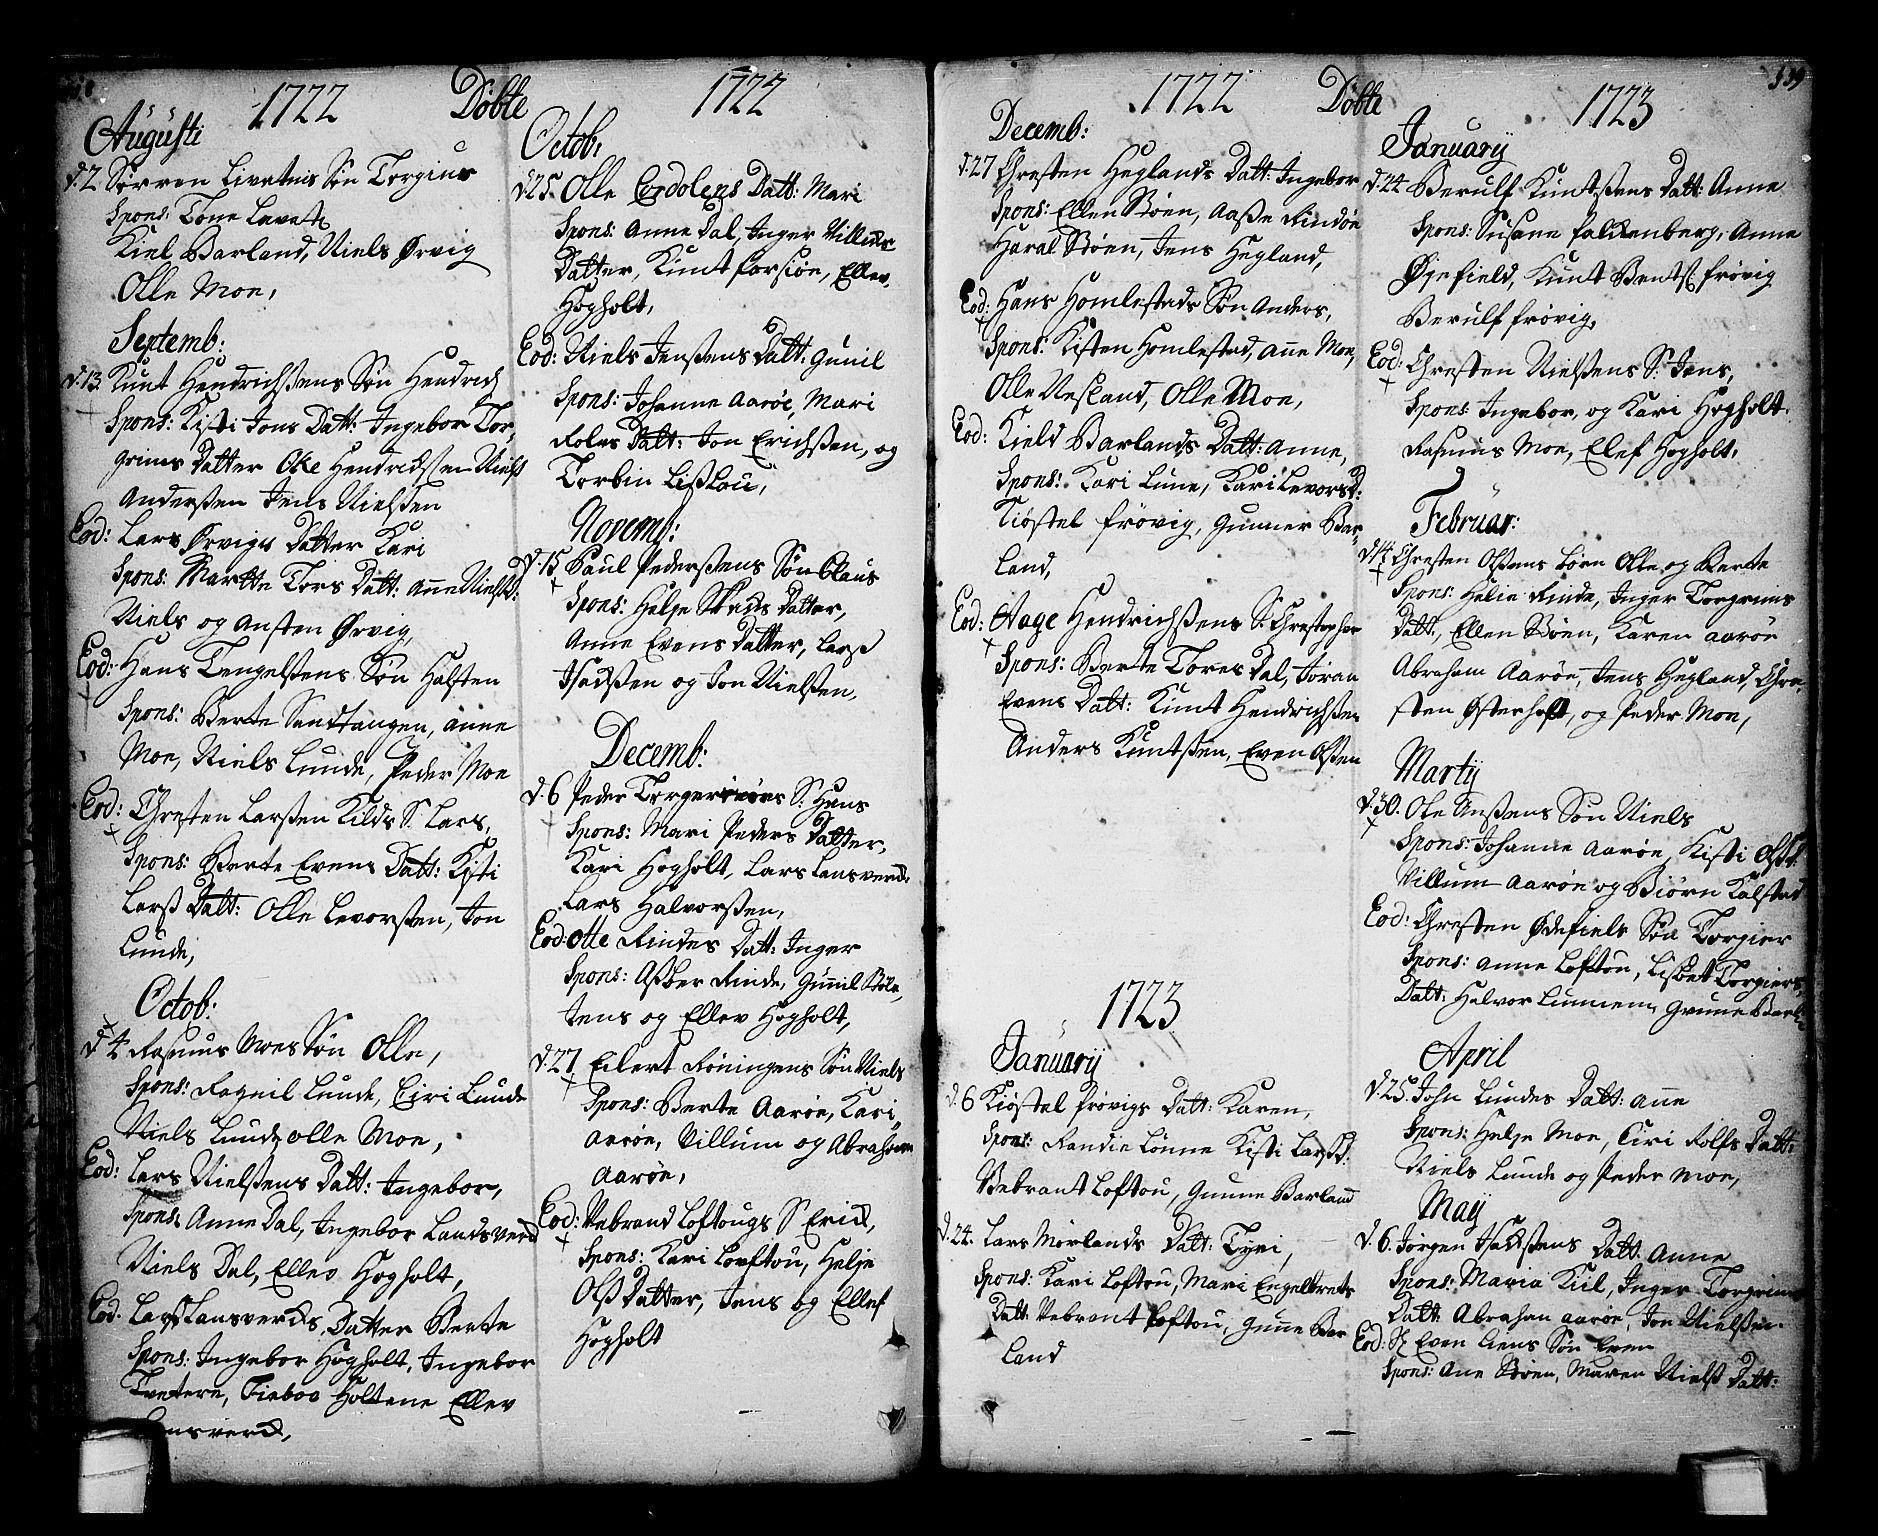 SAKO, Sannidal kirkebøker, F/Fa/L0001: Ministerialbok nr. 1, 1702-1766, s. 118-119